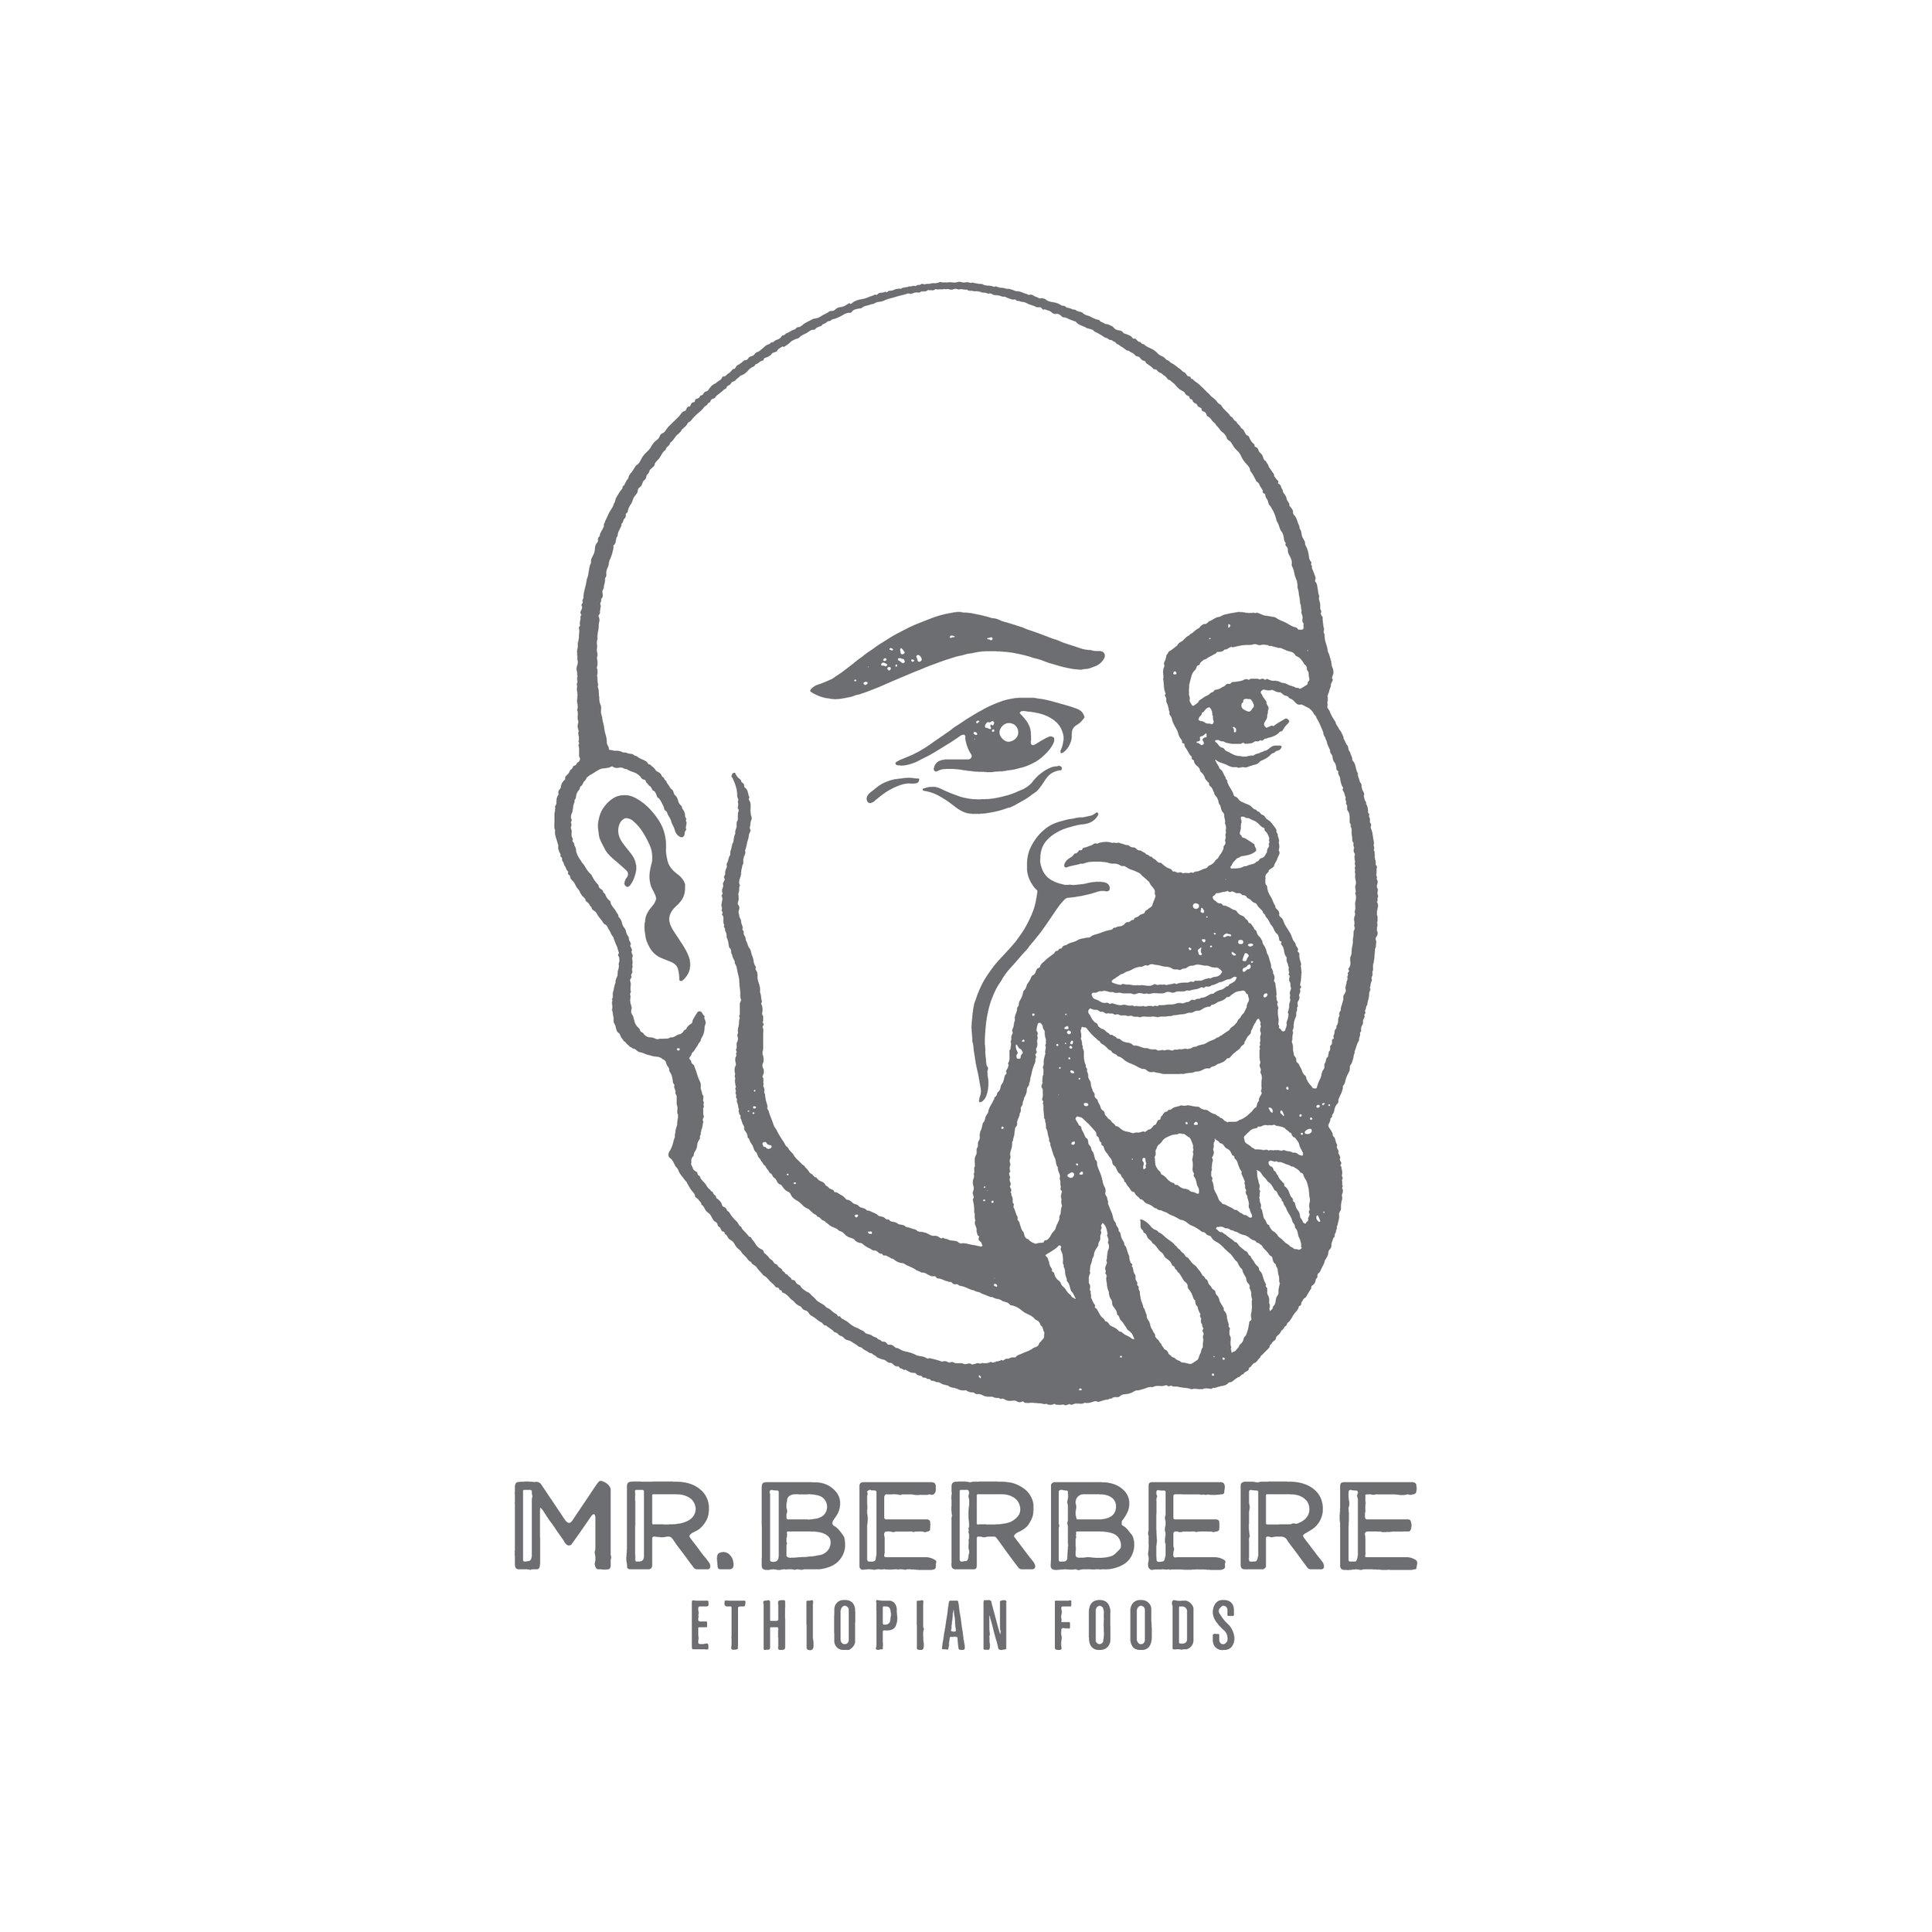 MrBerbere-01.jpg